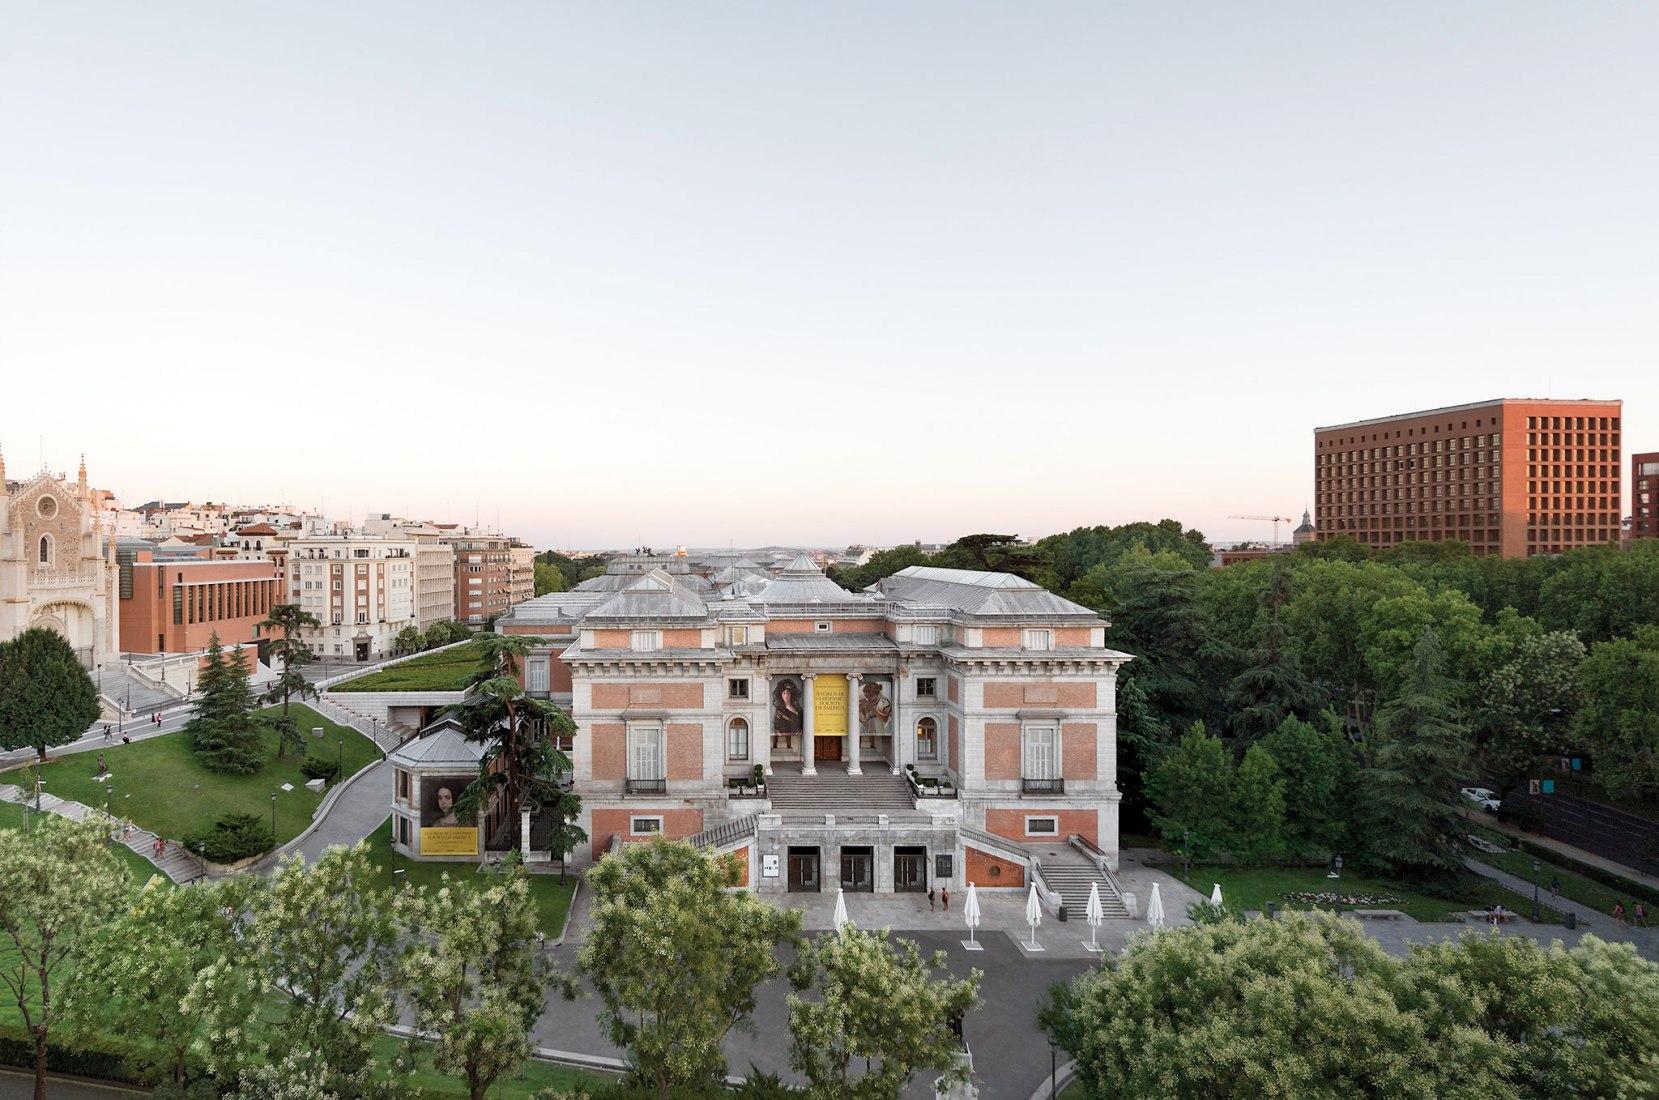 Moneo, Villanueva y Cabrero. Fotografía realizada desde la habitación 516 del Hotel Ritz. Fotografía © Joaquín Berchez. 2017